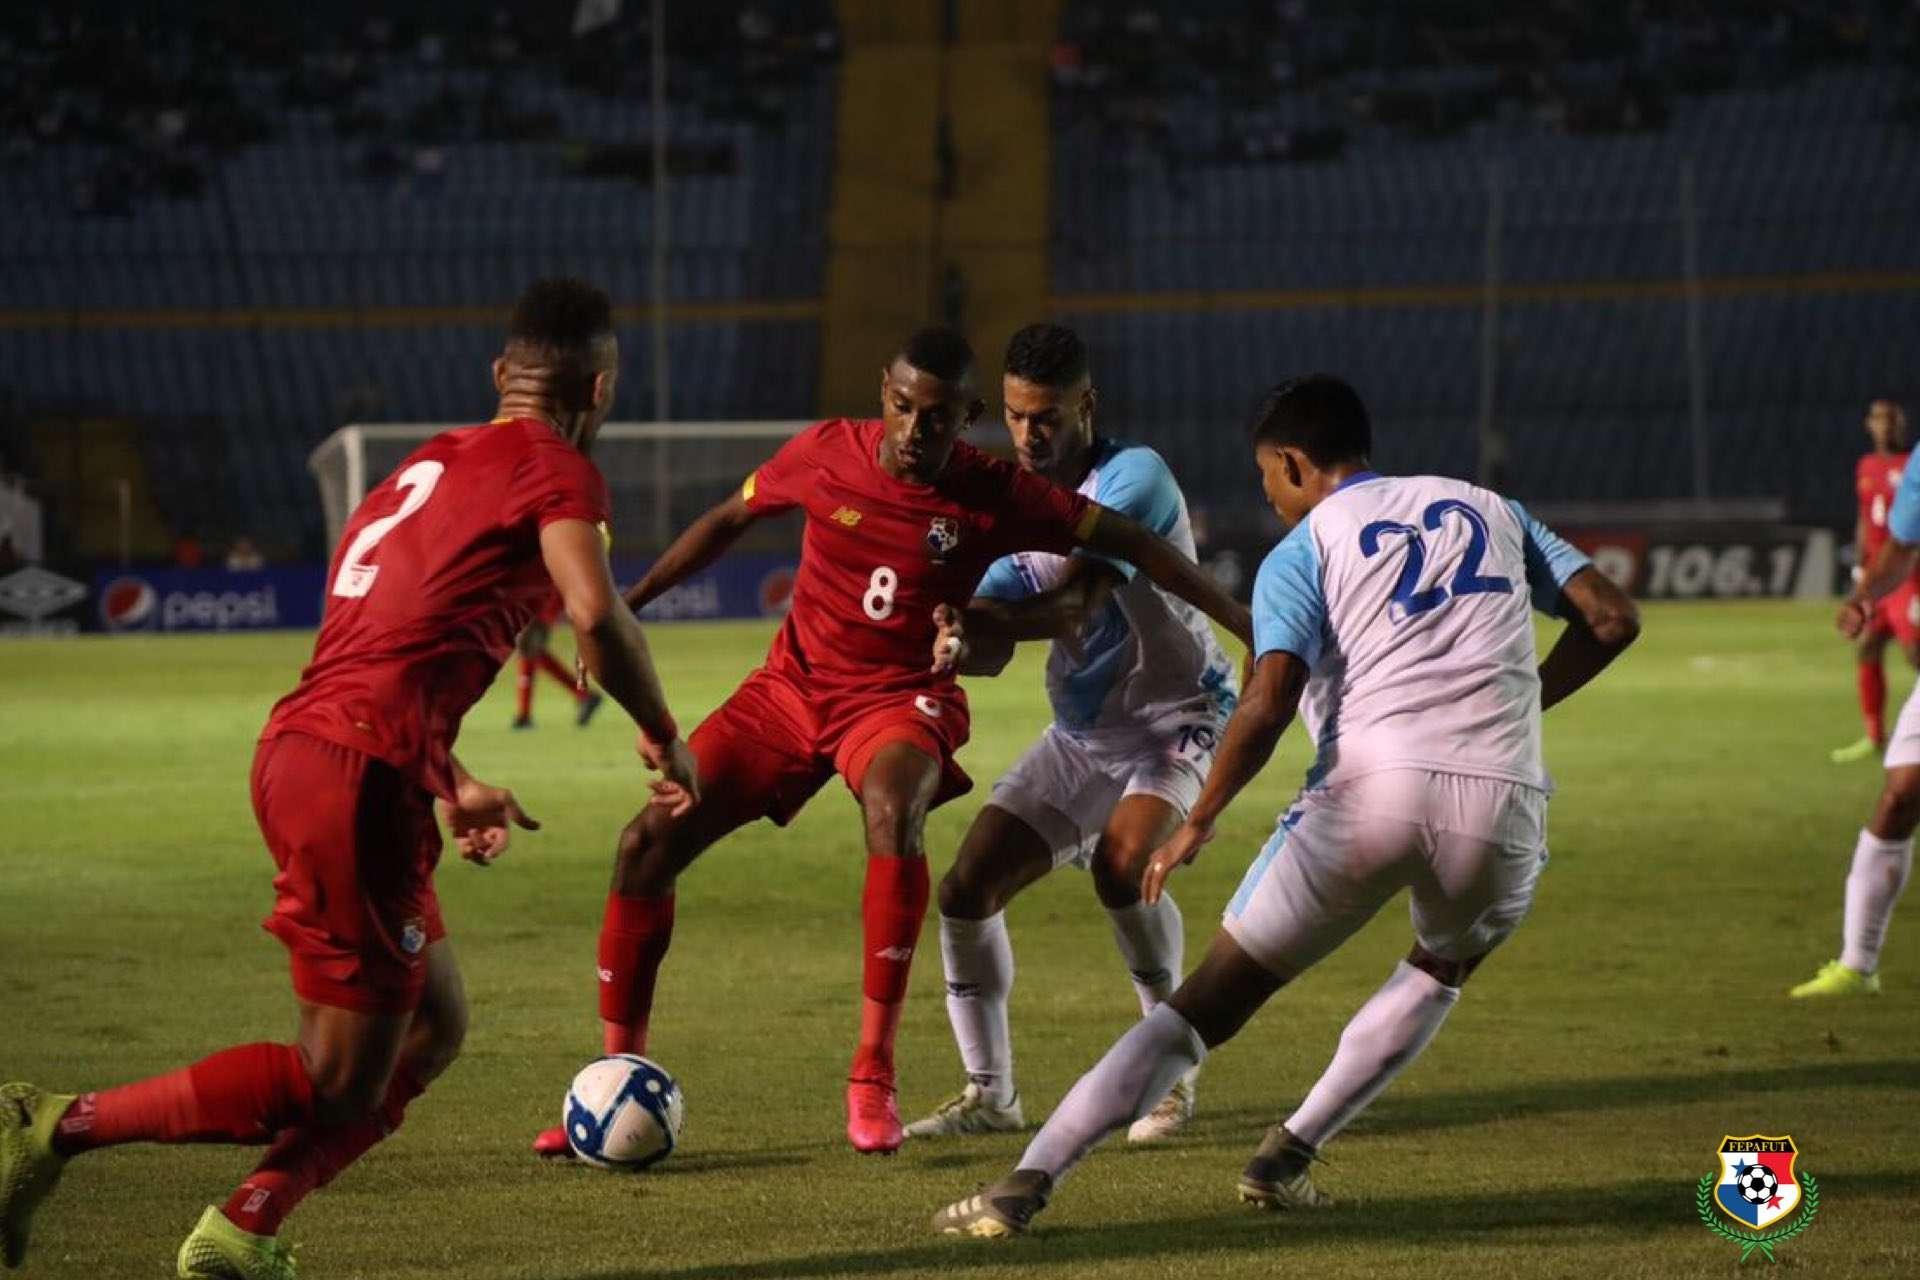 La selección de Panamá viene de vencer a Guatemala. /Fepafut